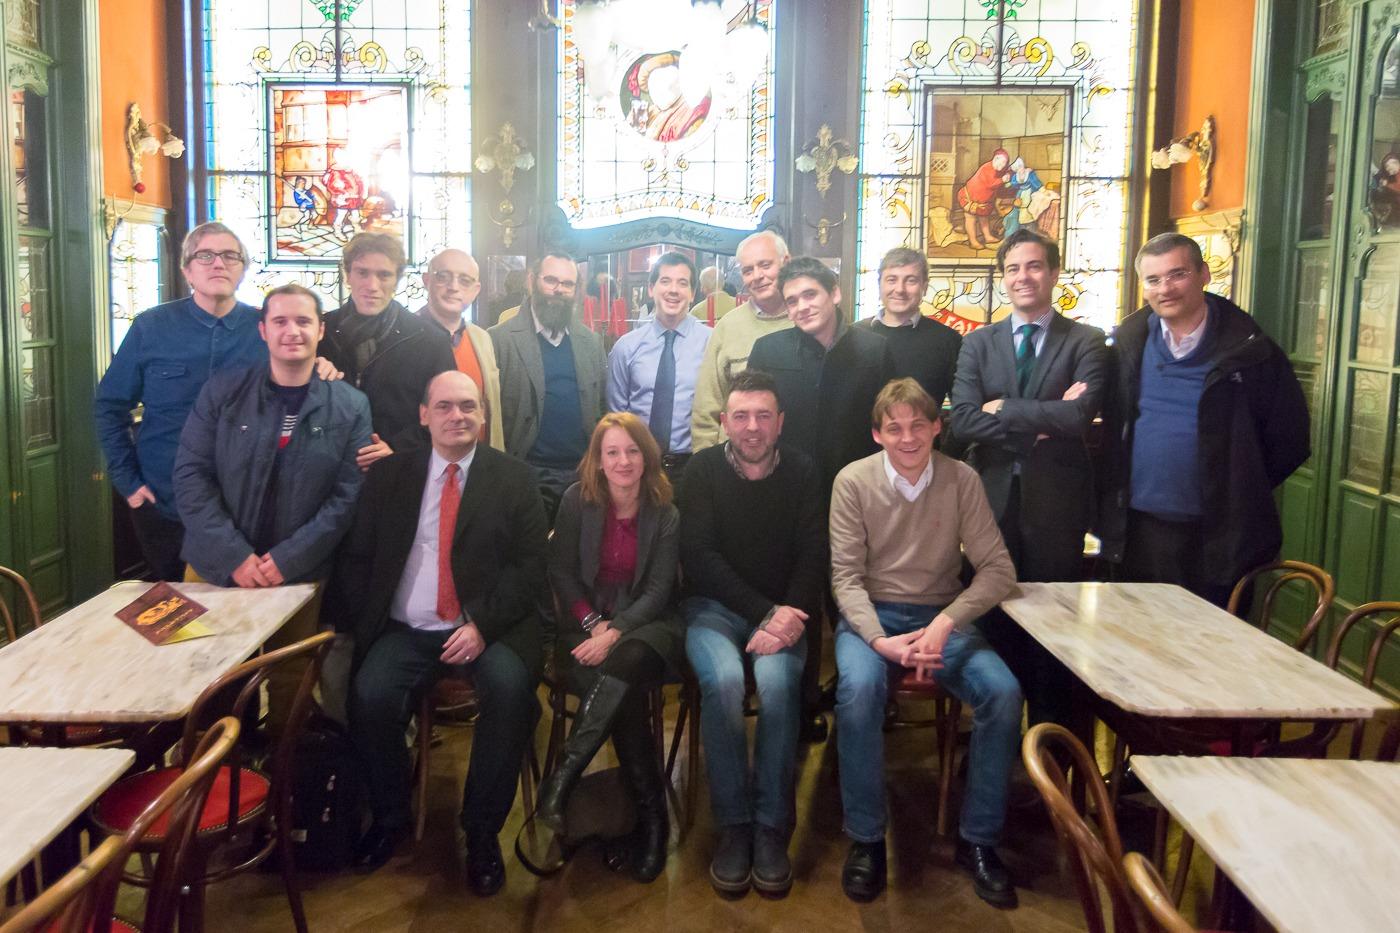 Cena informal de la delegación de empresas y centros universitarios que acudieron a Vanguard. En la imagen, también están Mikel Irujo, delegado del Gobierno de Navarra en Bruselas, y Pablo Zalba, único eurodiputado navarro.